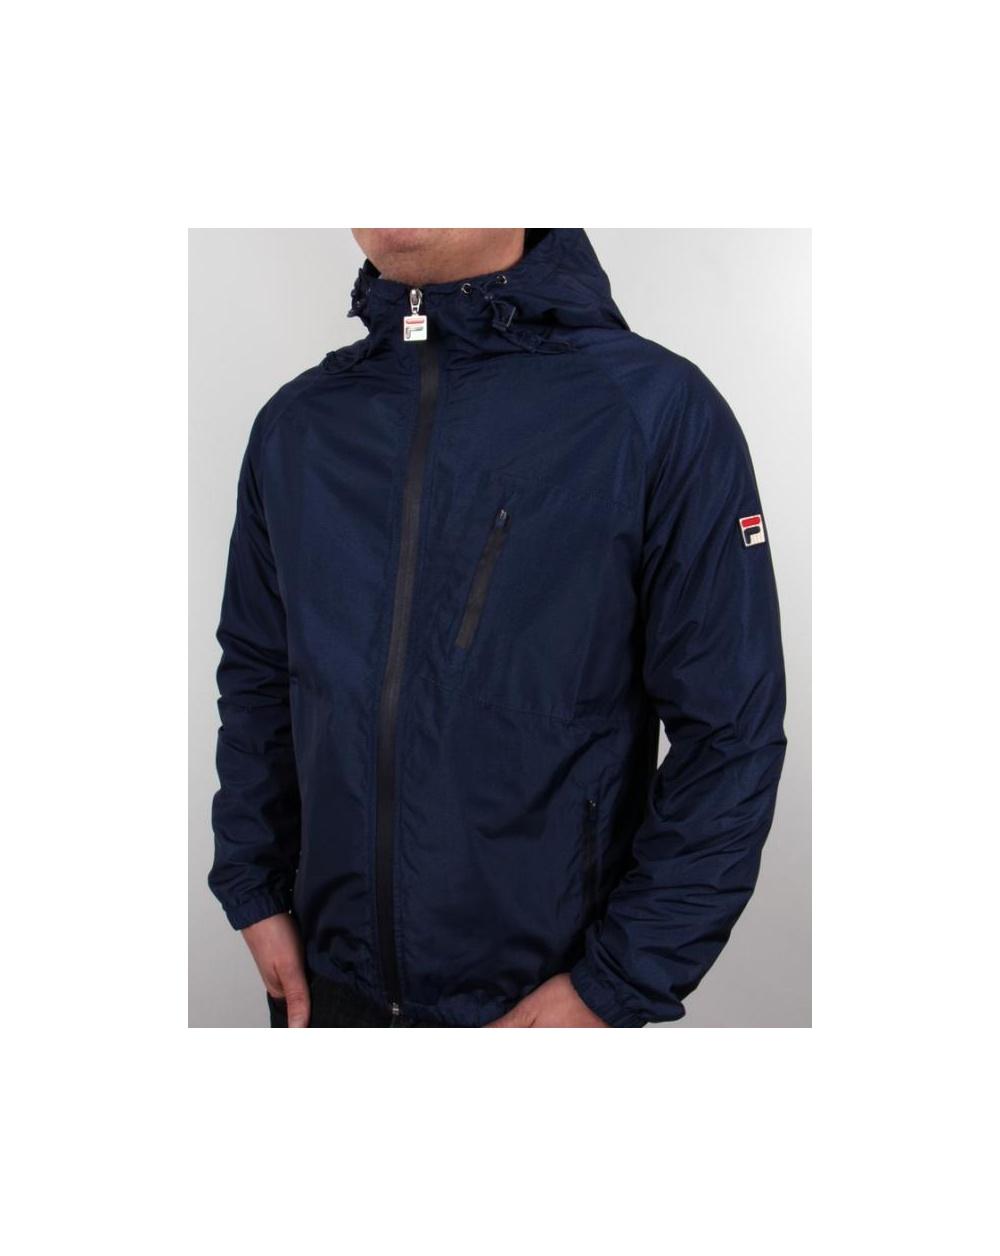 896ef2daaf9 Fila Vintage Micca Hooded Jacket Navy - fila vintage micca jacket ...